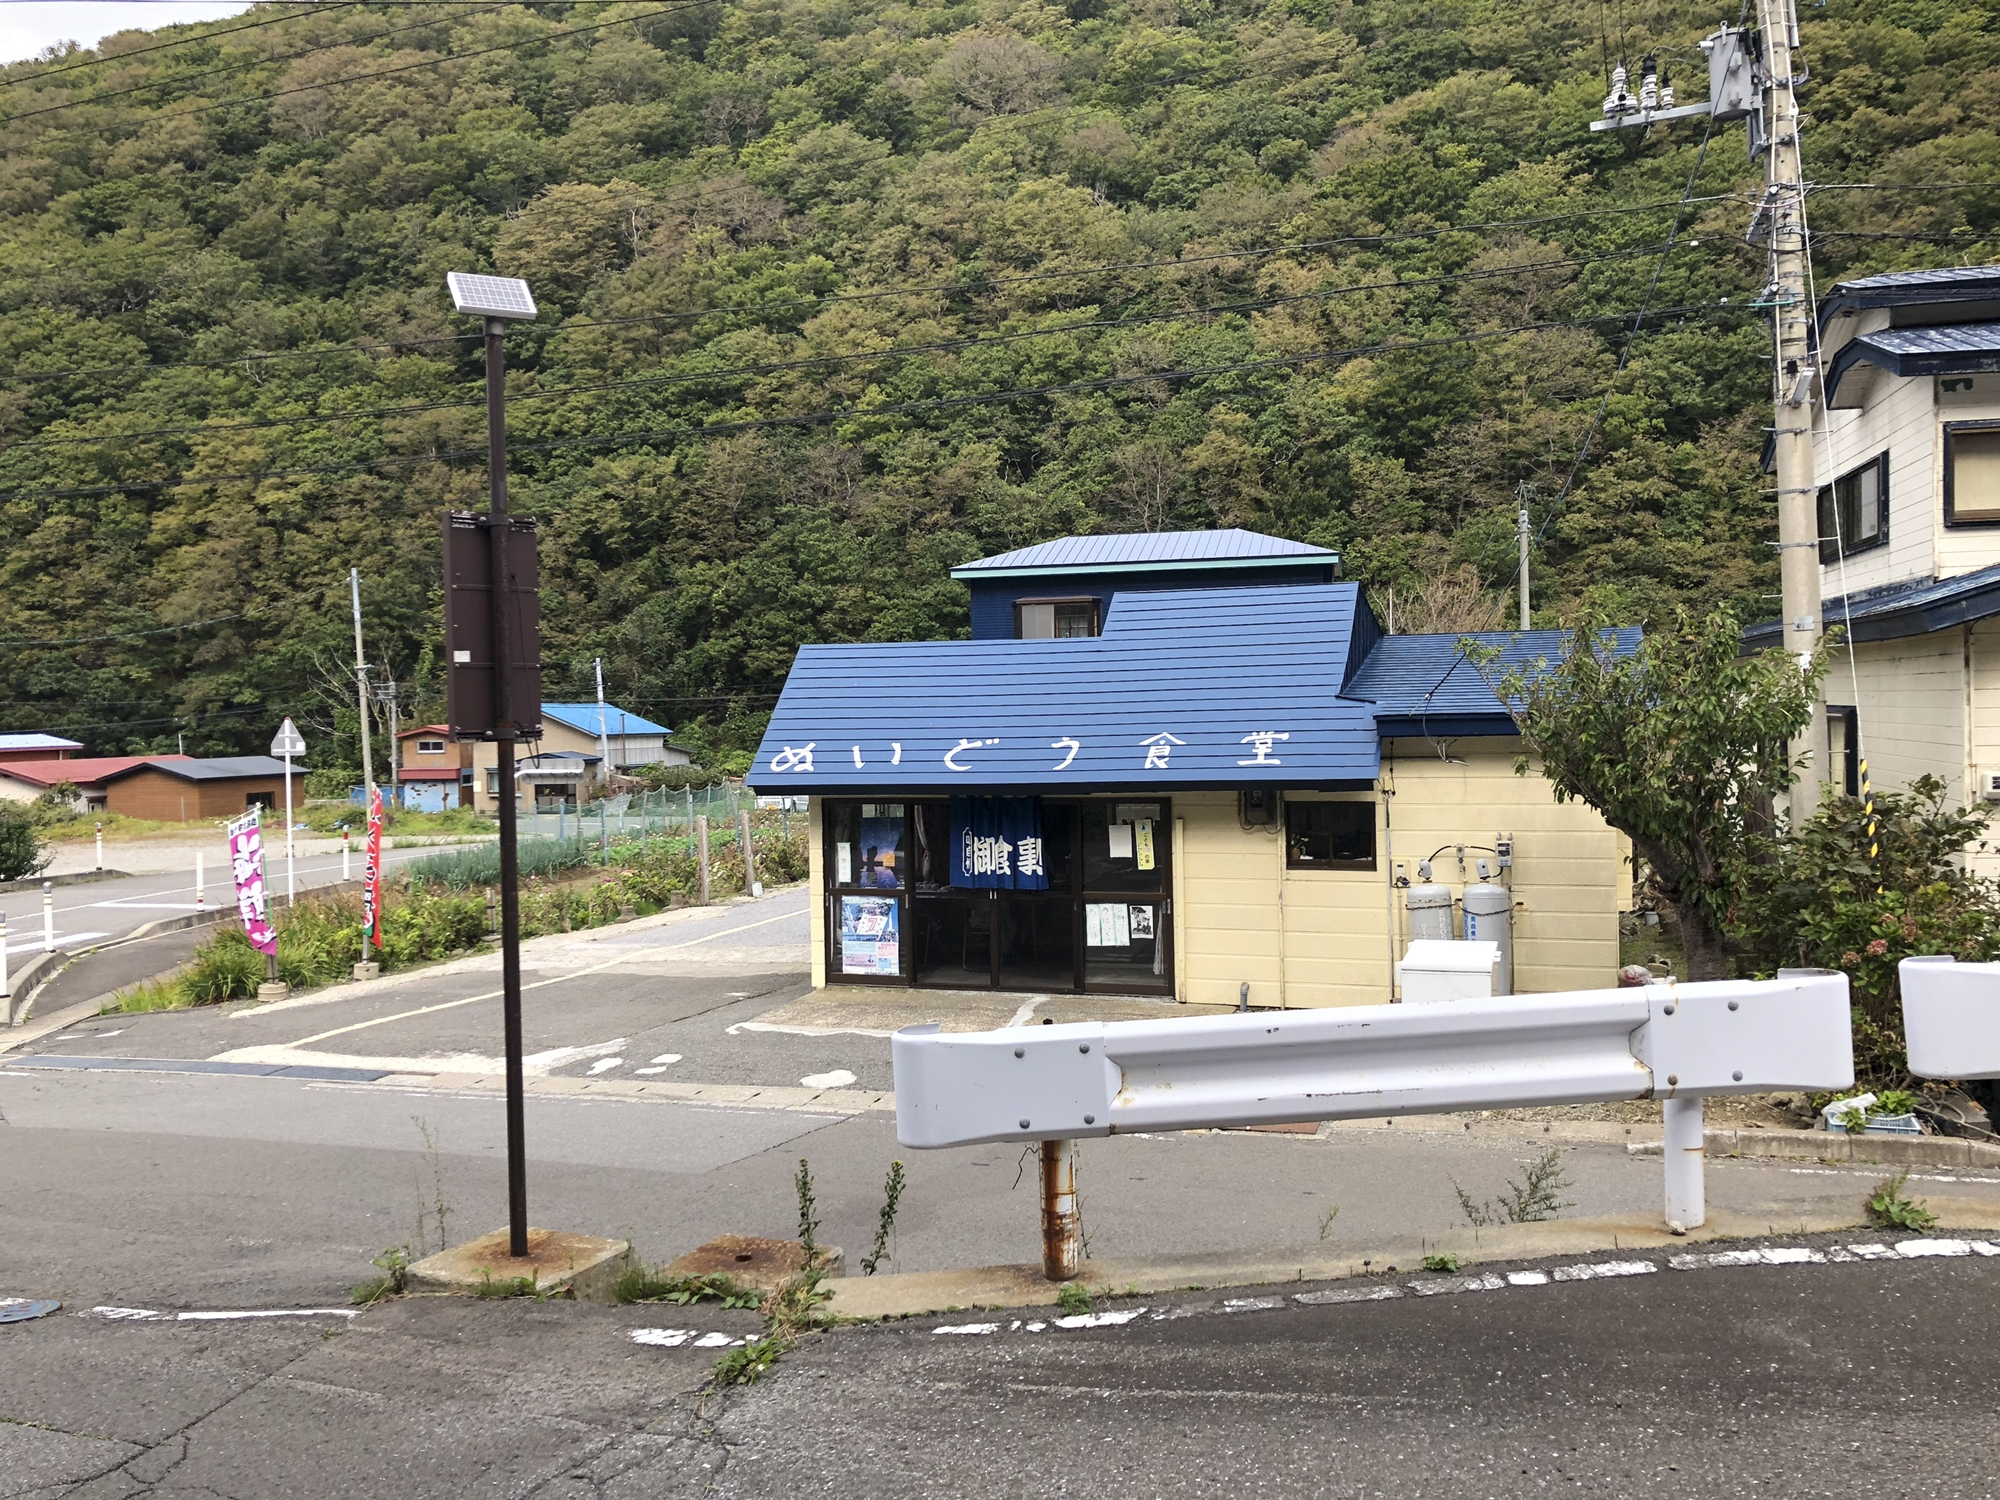 f:id:mitatowa:20181005184426j:plain